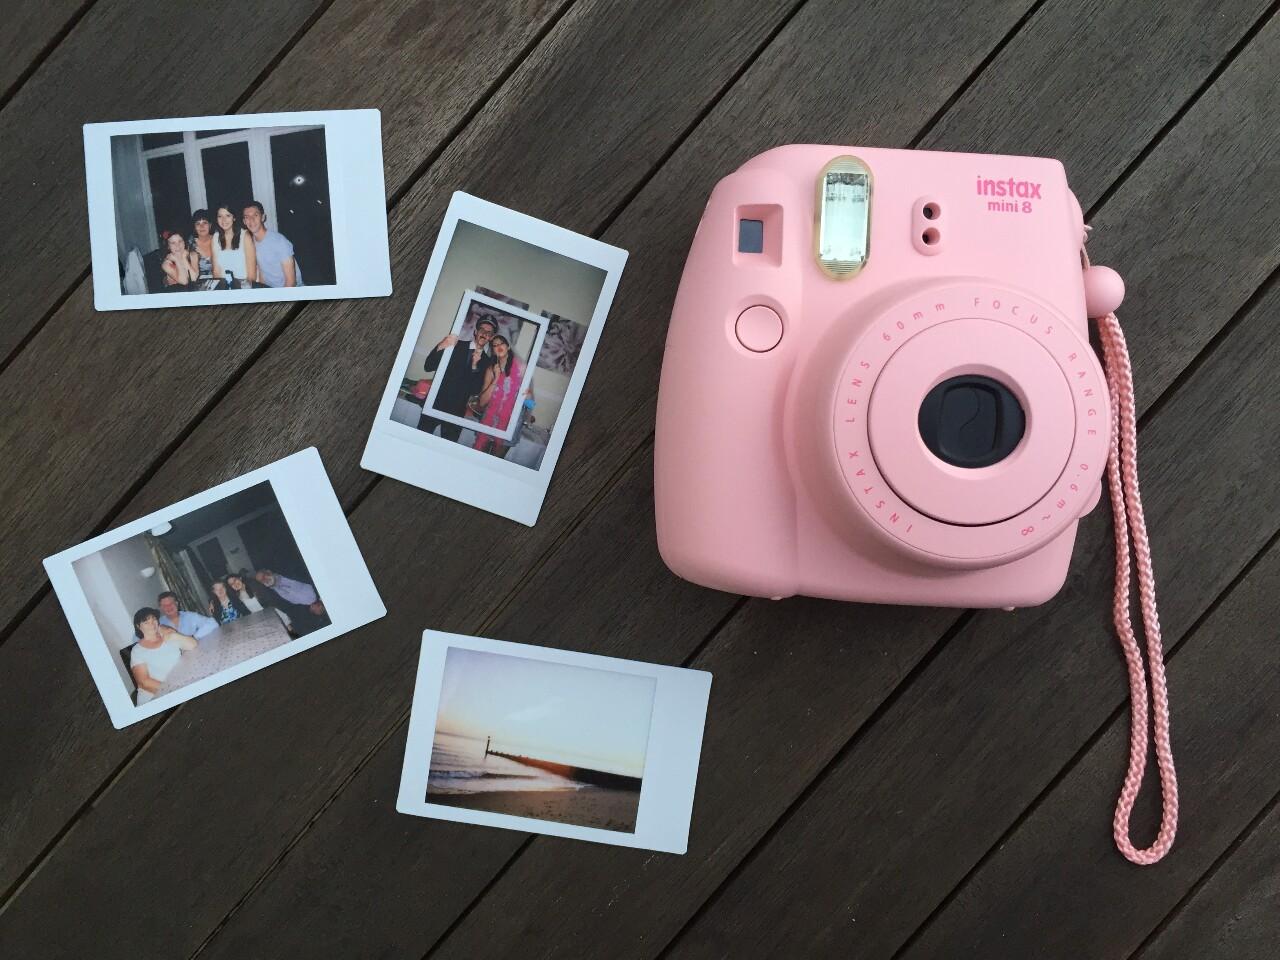 Печать фотографий на бумаге металлик образом можно